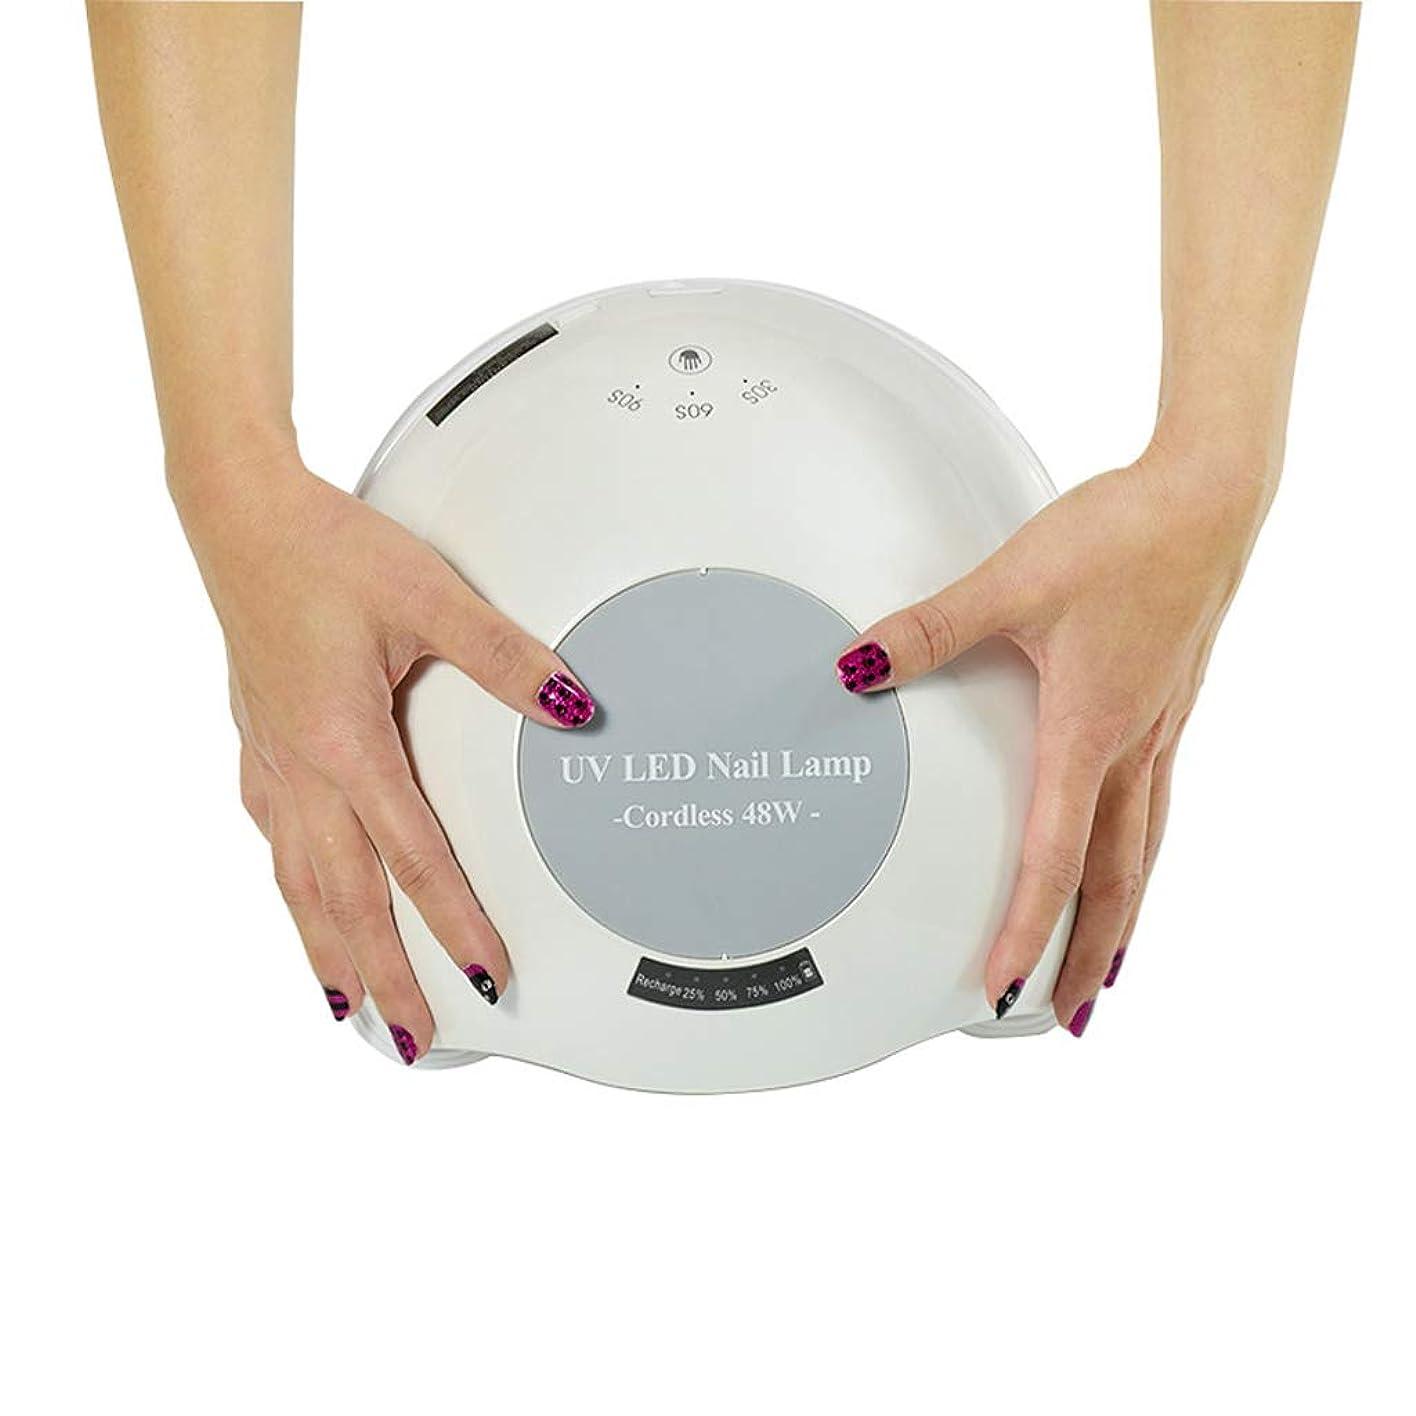 旋律的ヘロインキャプテンブライ爪ドライヤー48WLED 光線機, 爪ゲル充電光線ランプ, 爪接着剤, 拡張接着剤, 宝石接着剤